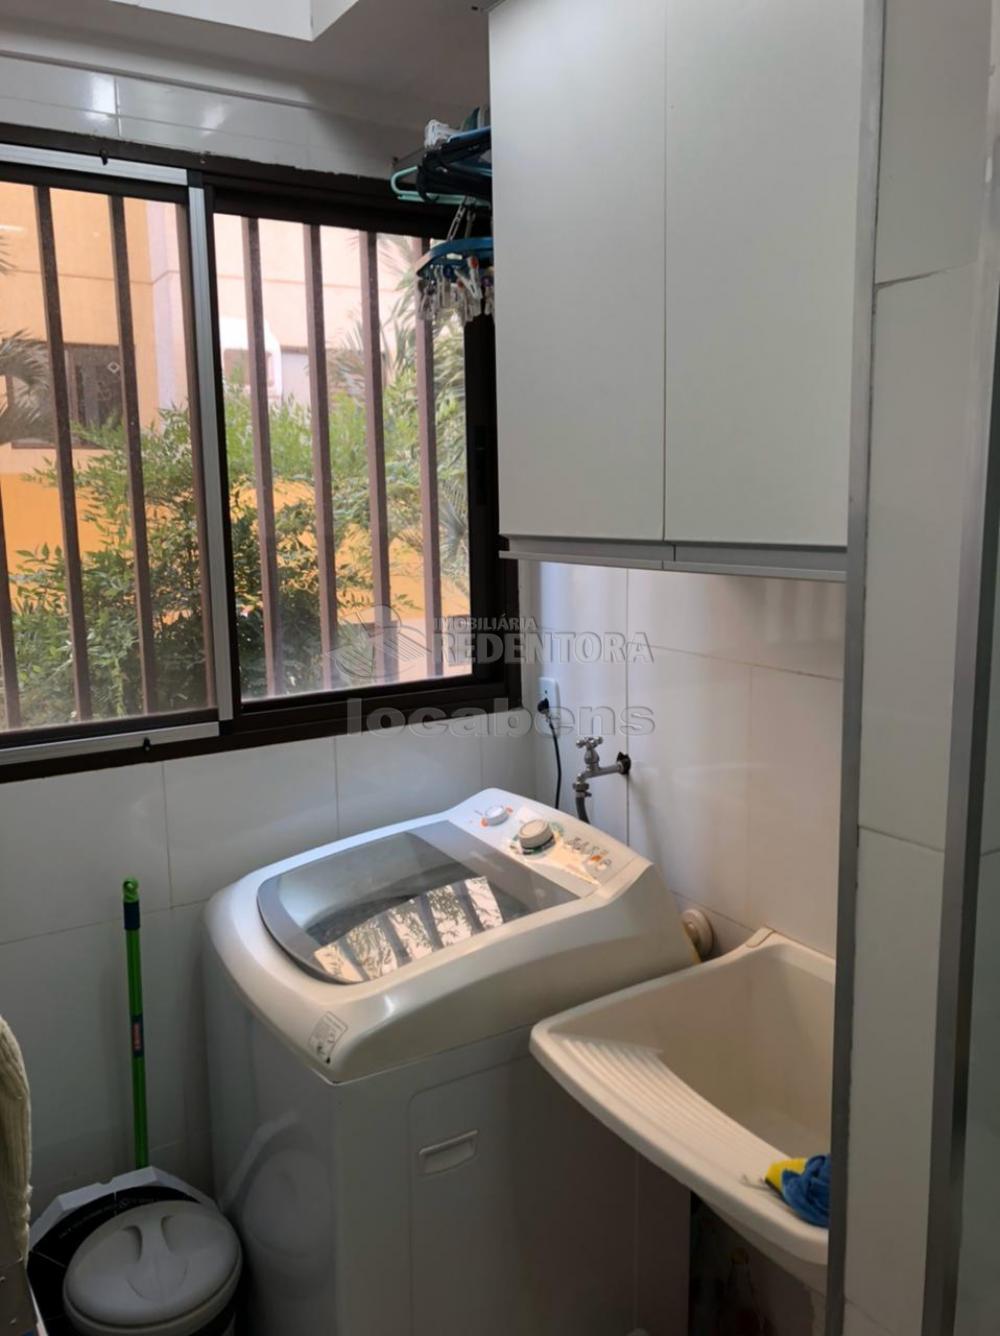 Comprar Apartamento / Padrão em São José do Rio Preto apenas R$ 270.000,00 - Foto 23